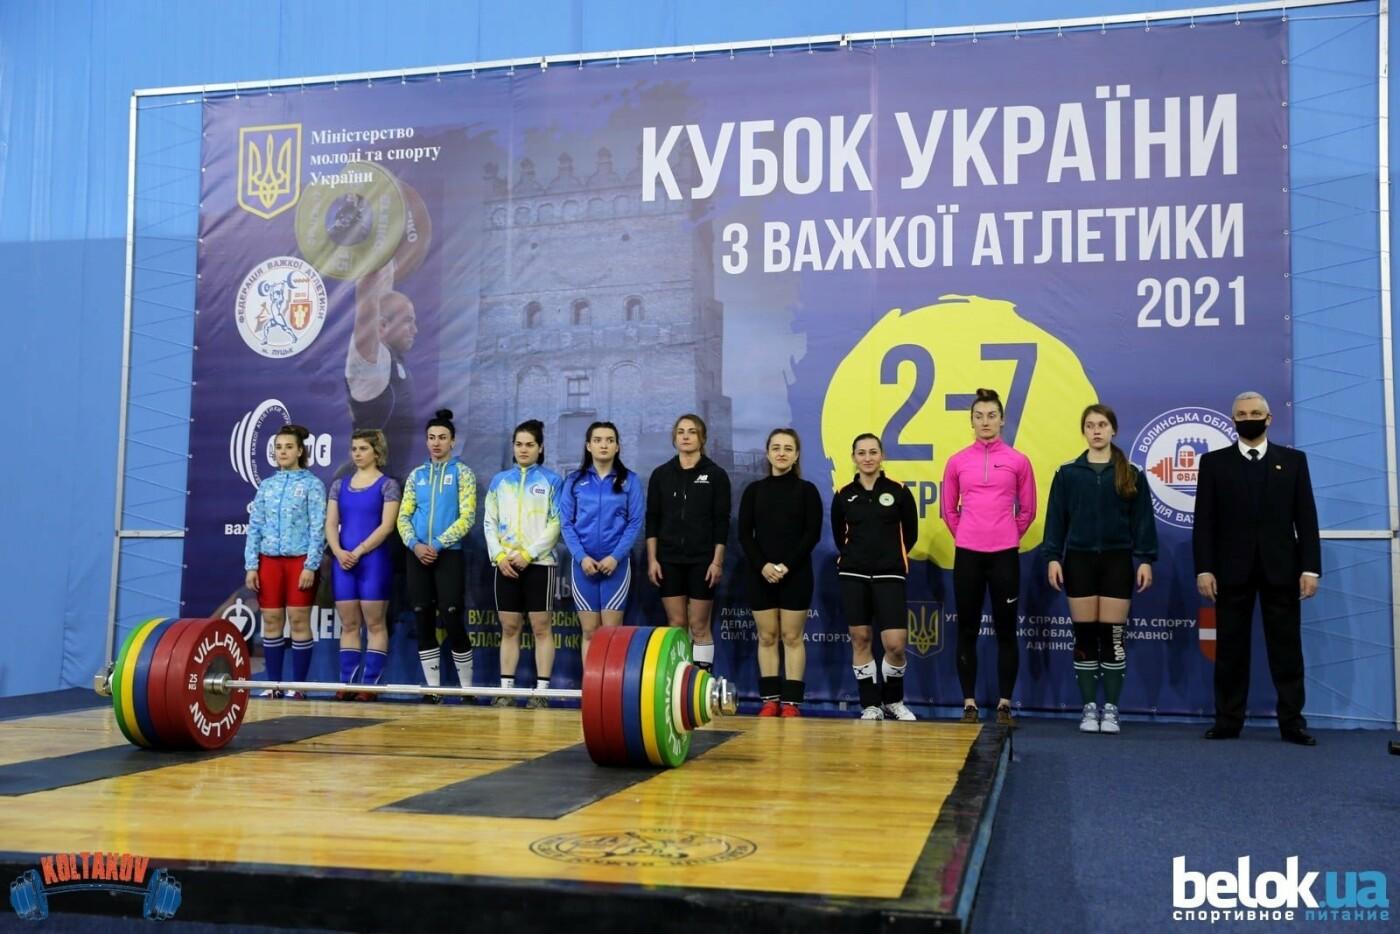 Випускники кам'янецького вишу завоювали Кубок України з важкої атлетики , фото-2